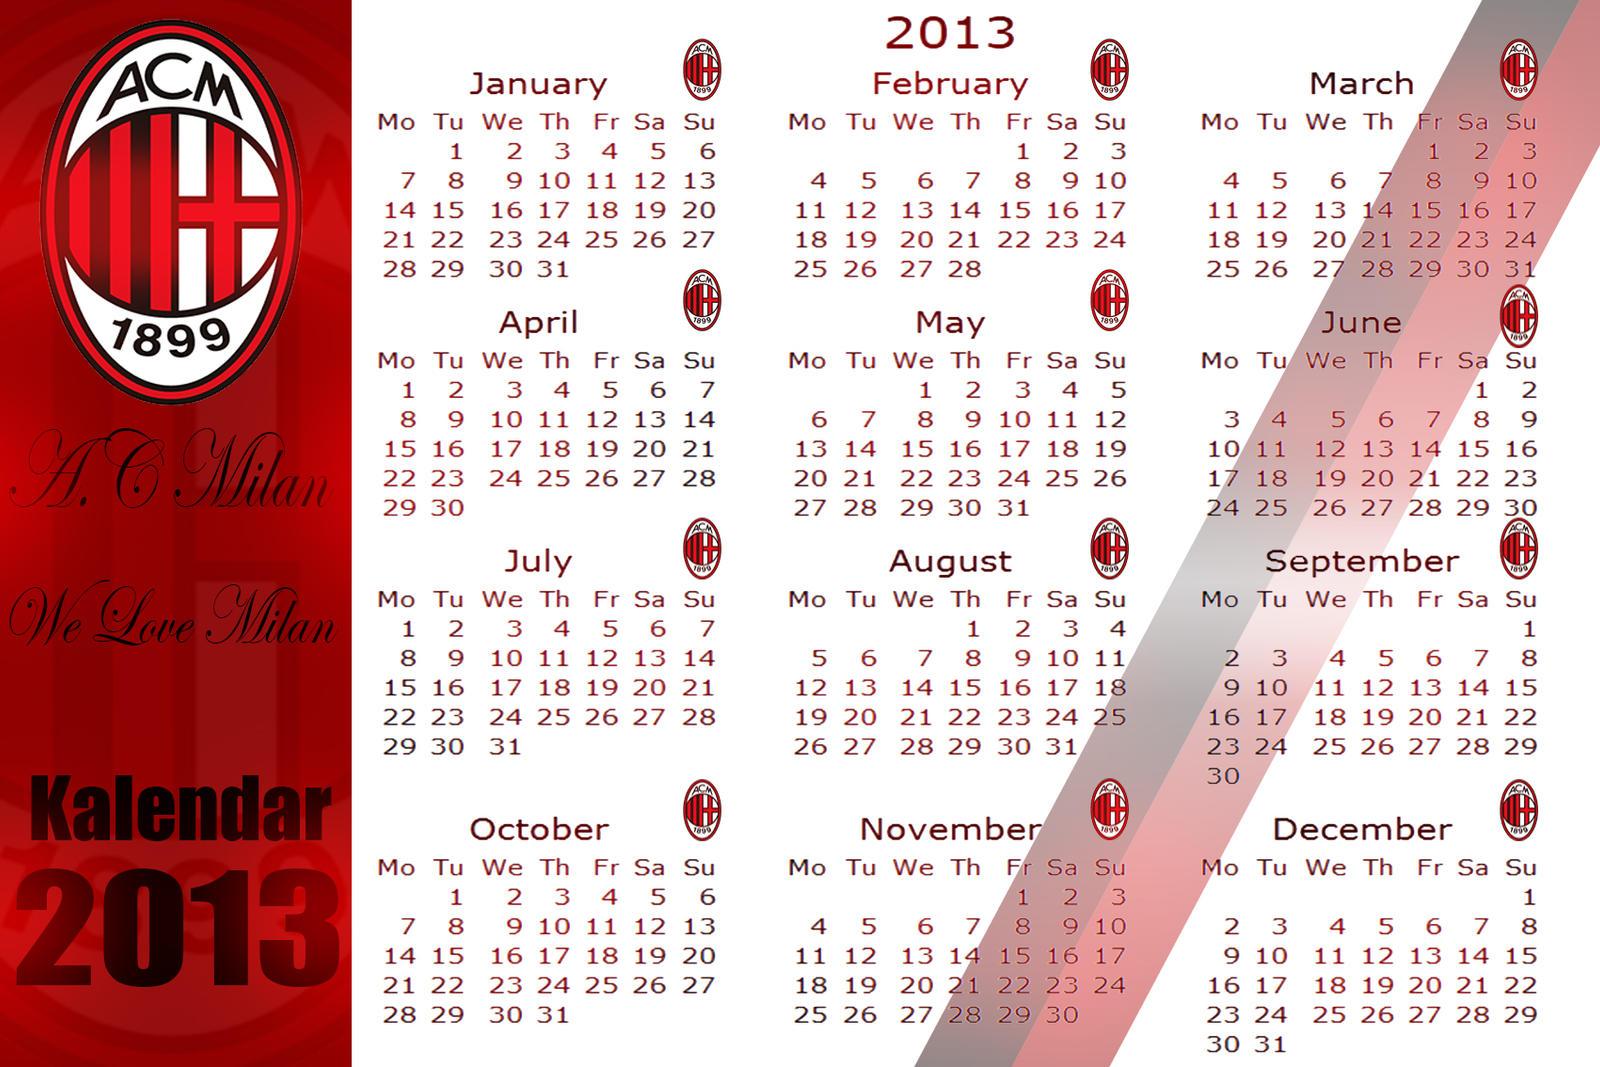 Calendario Ac Milan.Ac Milan Calendario By Amirmilche On Deviantart